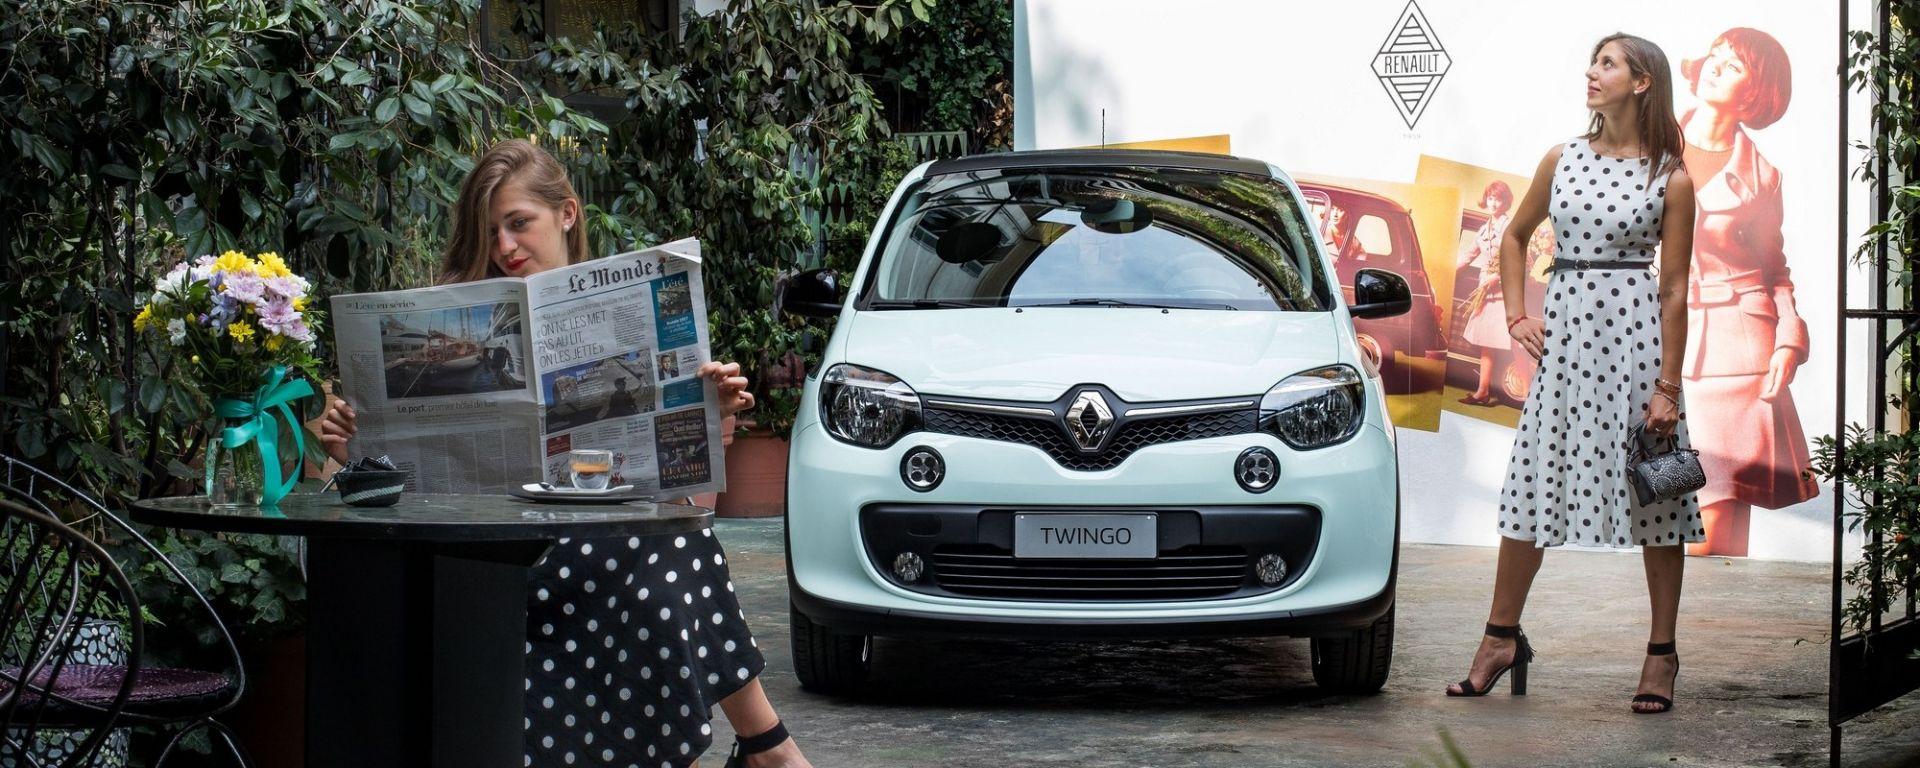 Renault Twingo La Parisienne: nuova limited edition per la citycar della Regìe